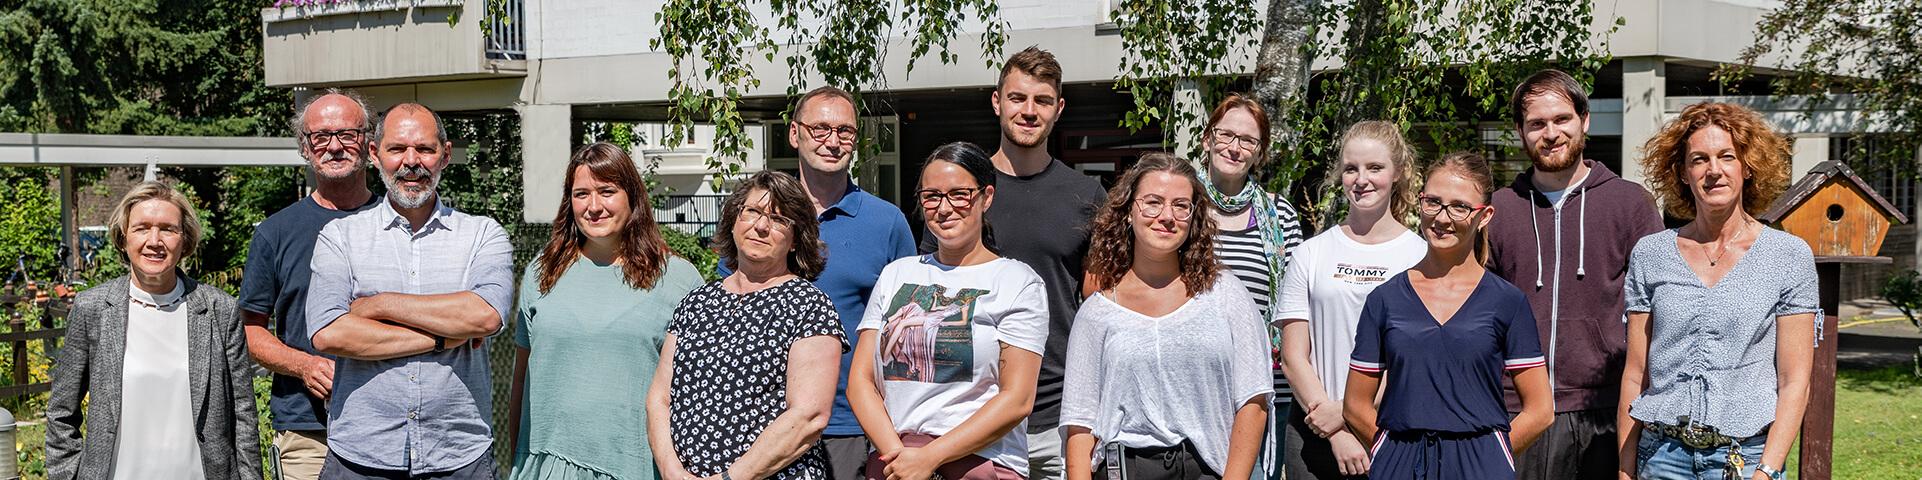 Teamfoto Luise-Maassen-Haus Koeln